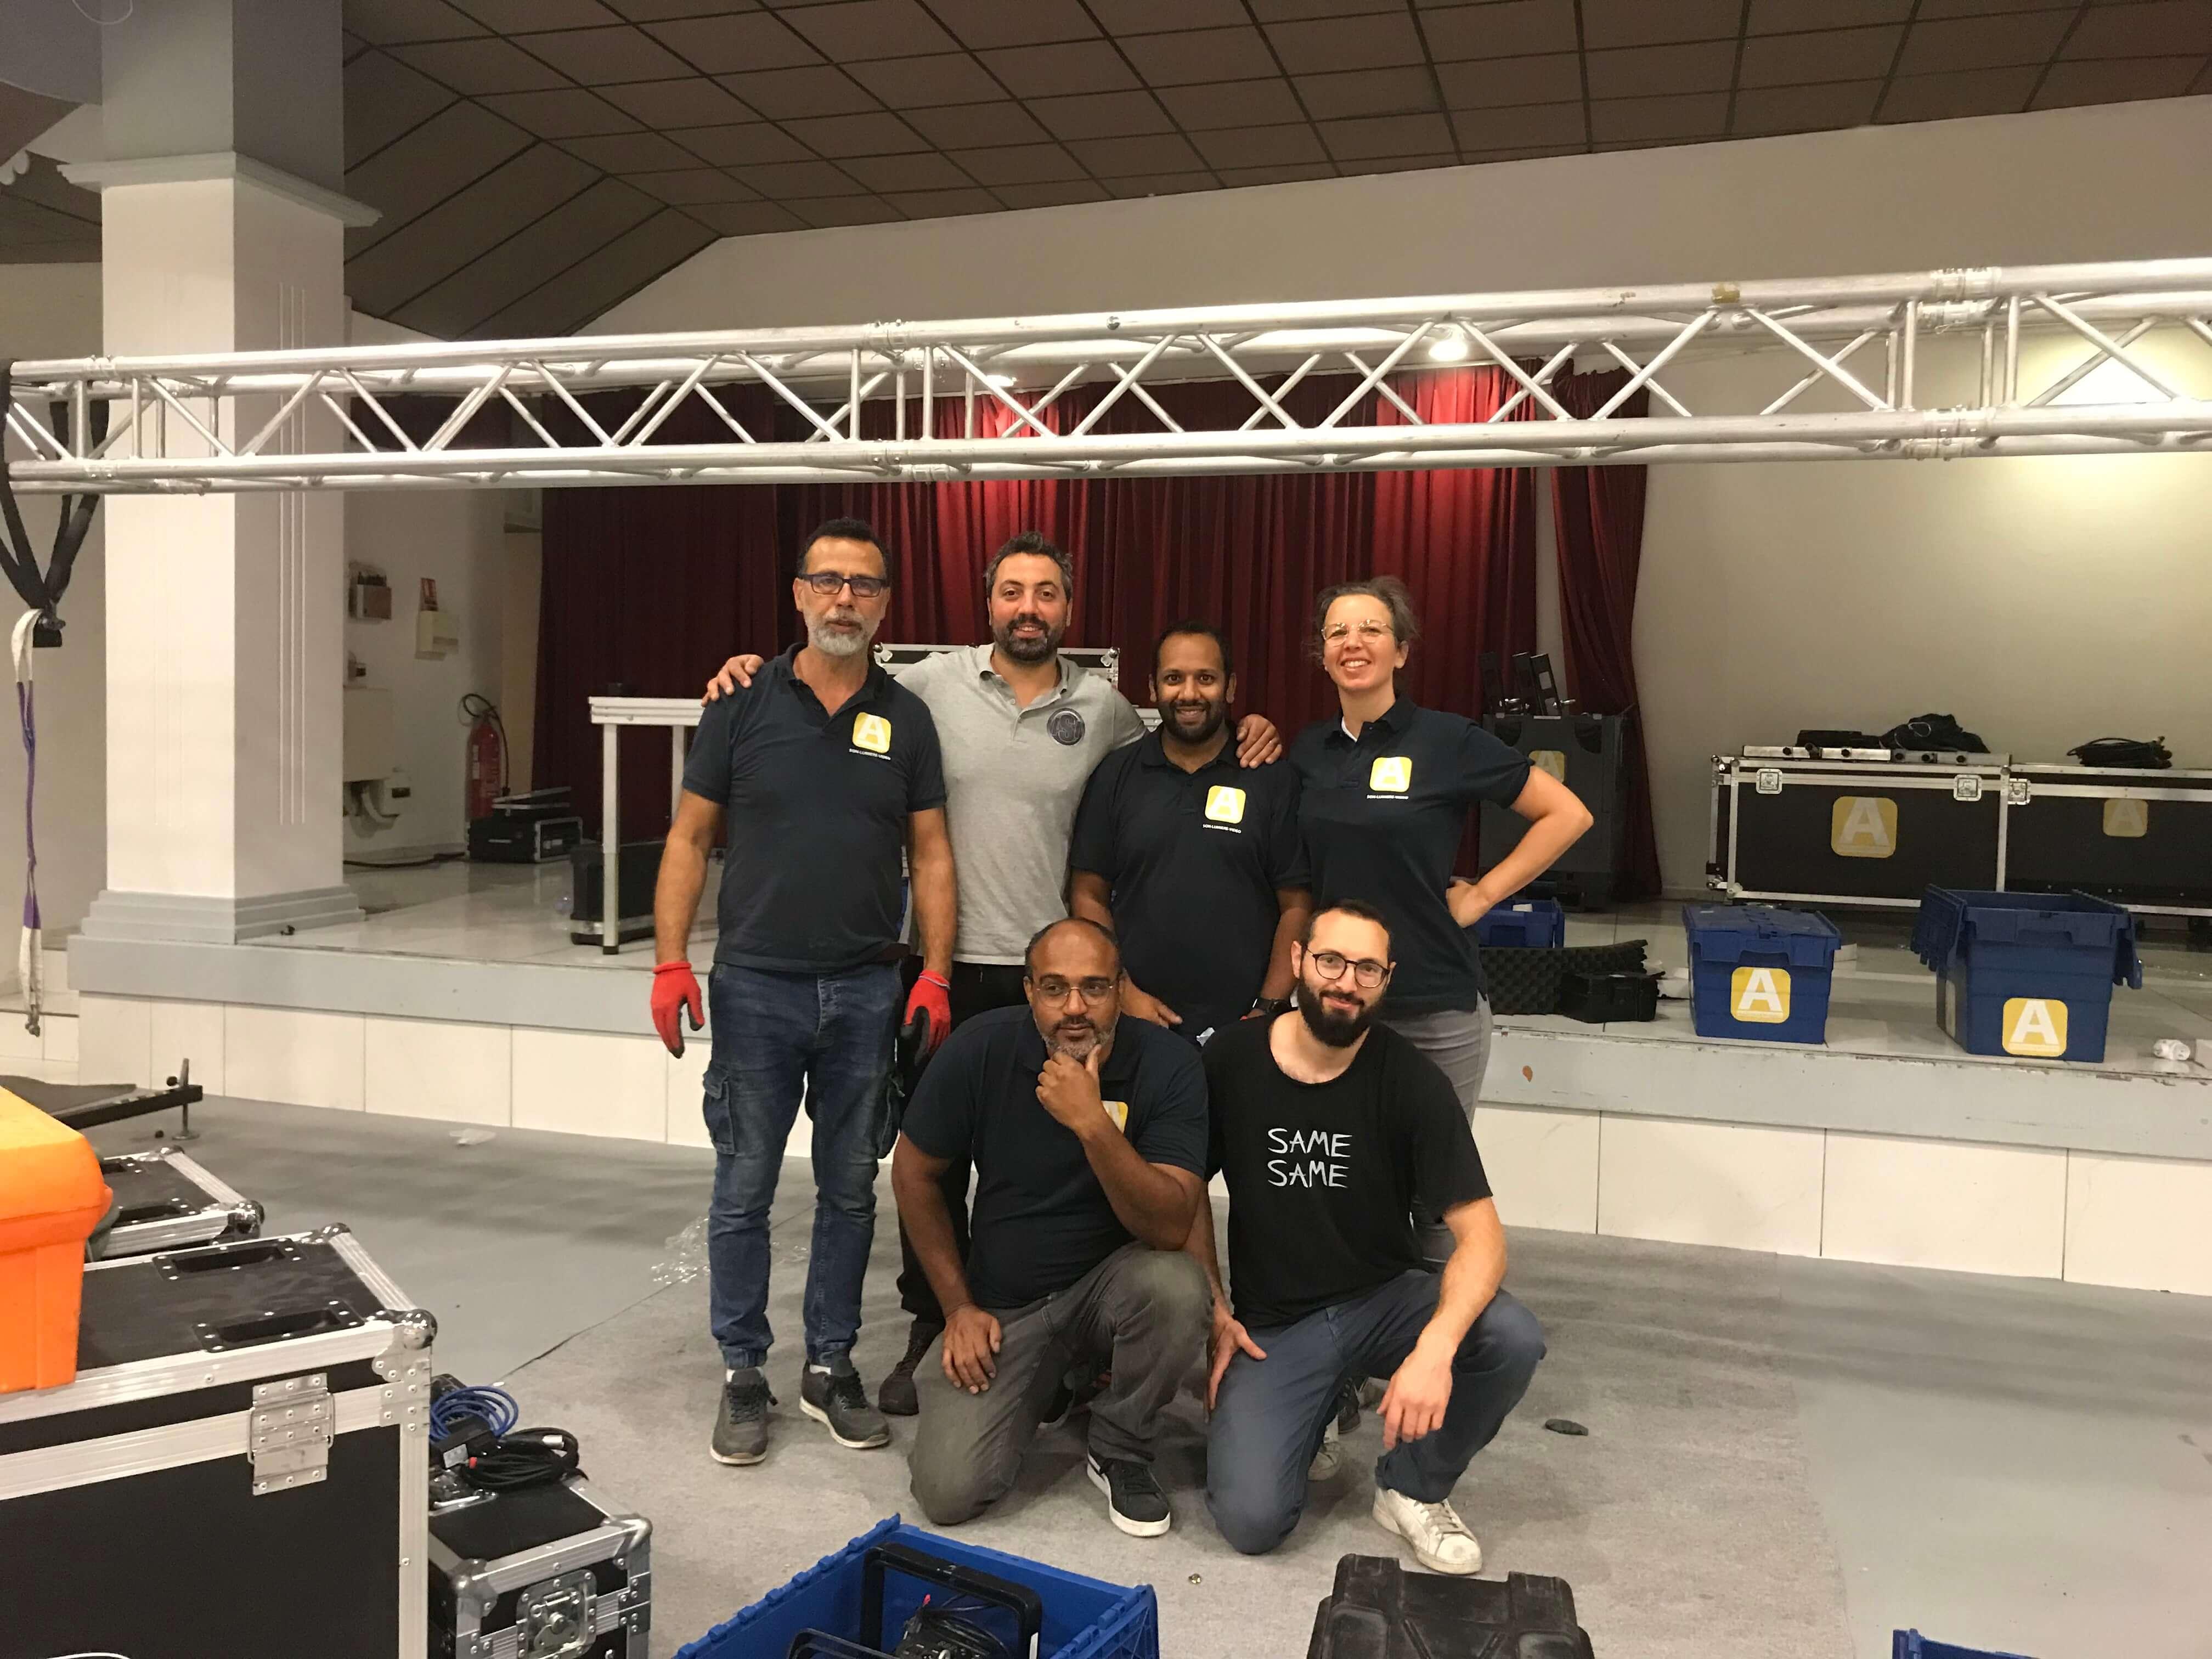 Team équipe Audioscopevision